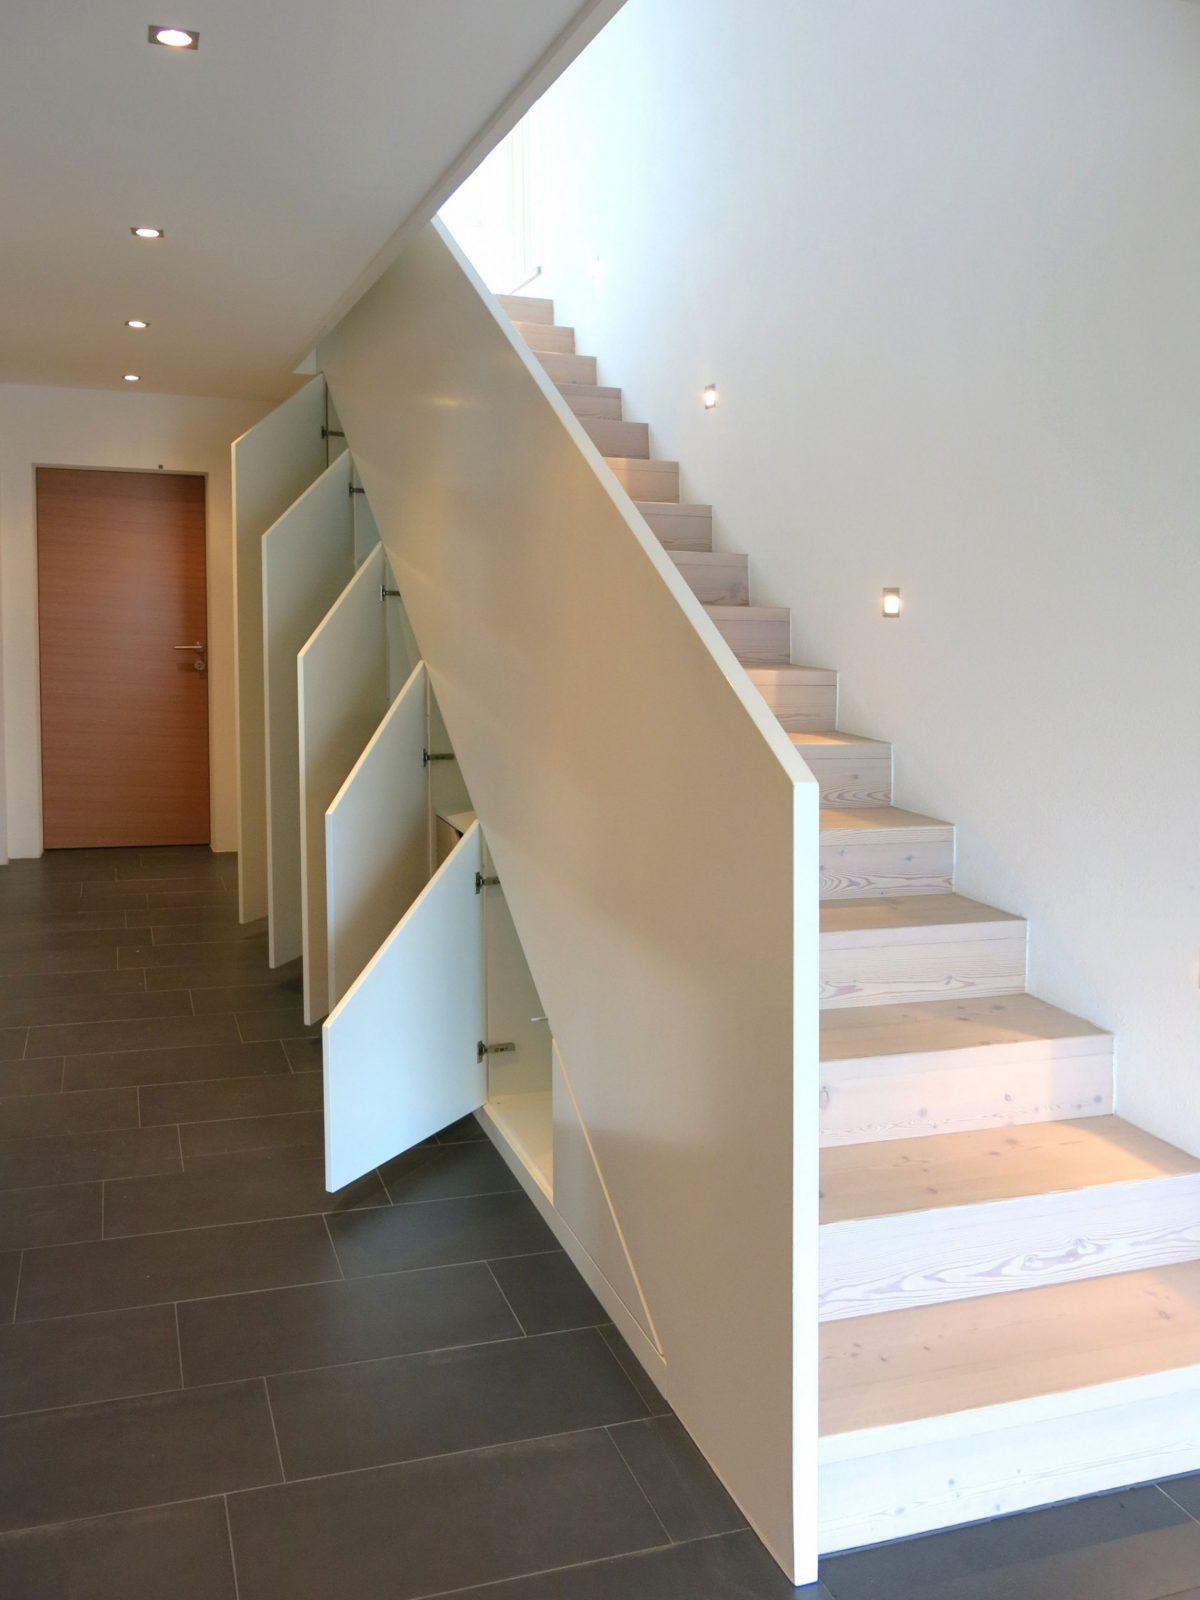 Schuhschrank Unter Offener Treppe — Temobardz Home Blog von Stauraum Unter Offener Treppe Bild